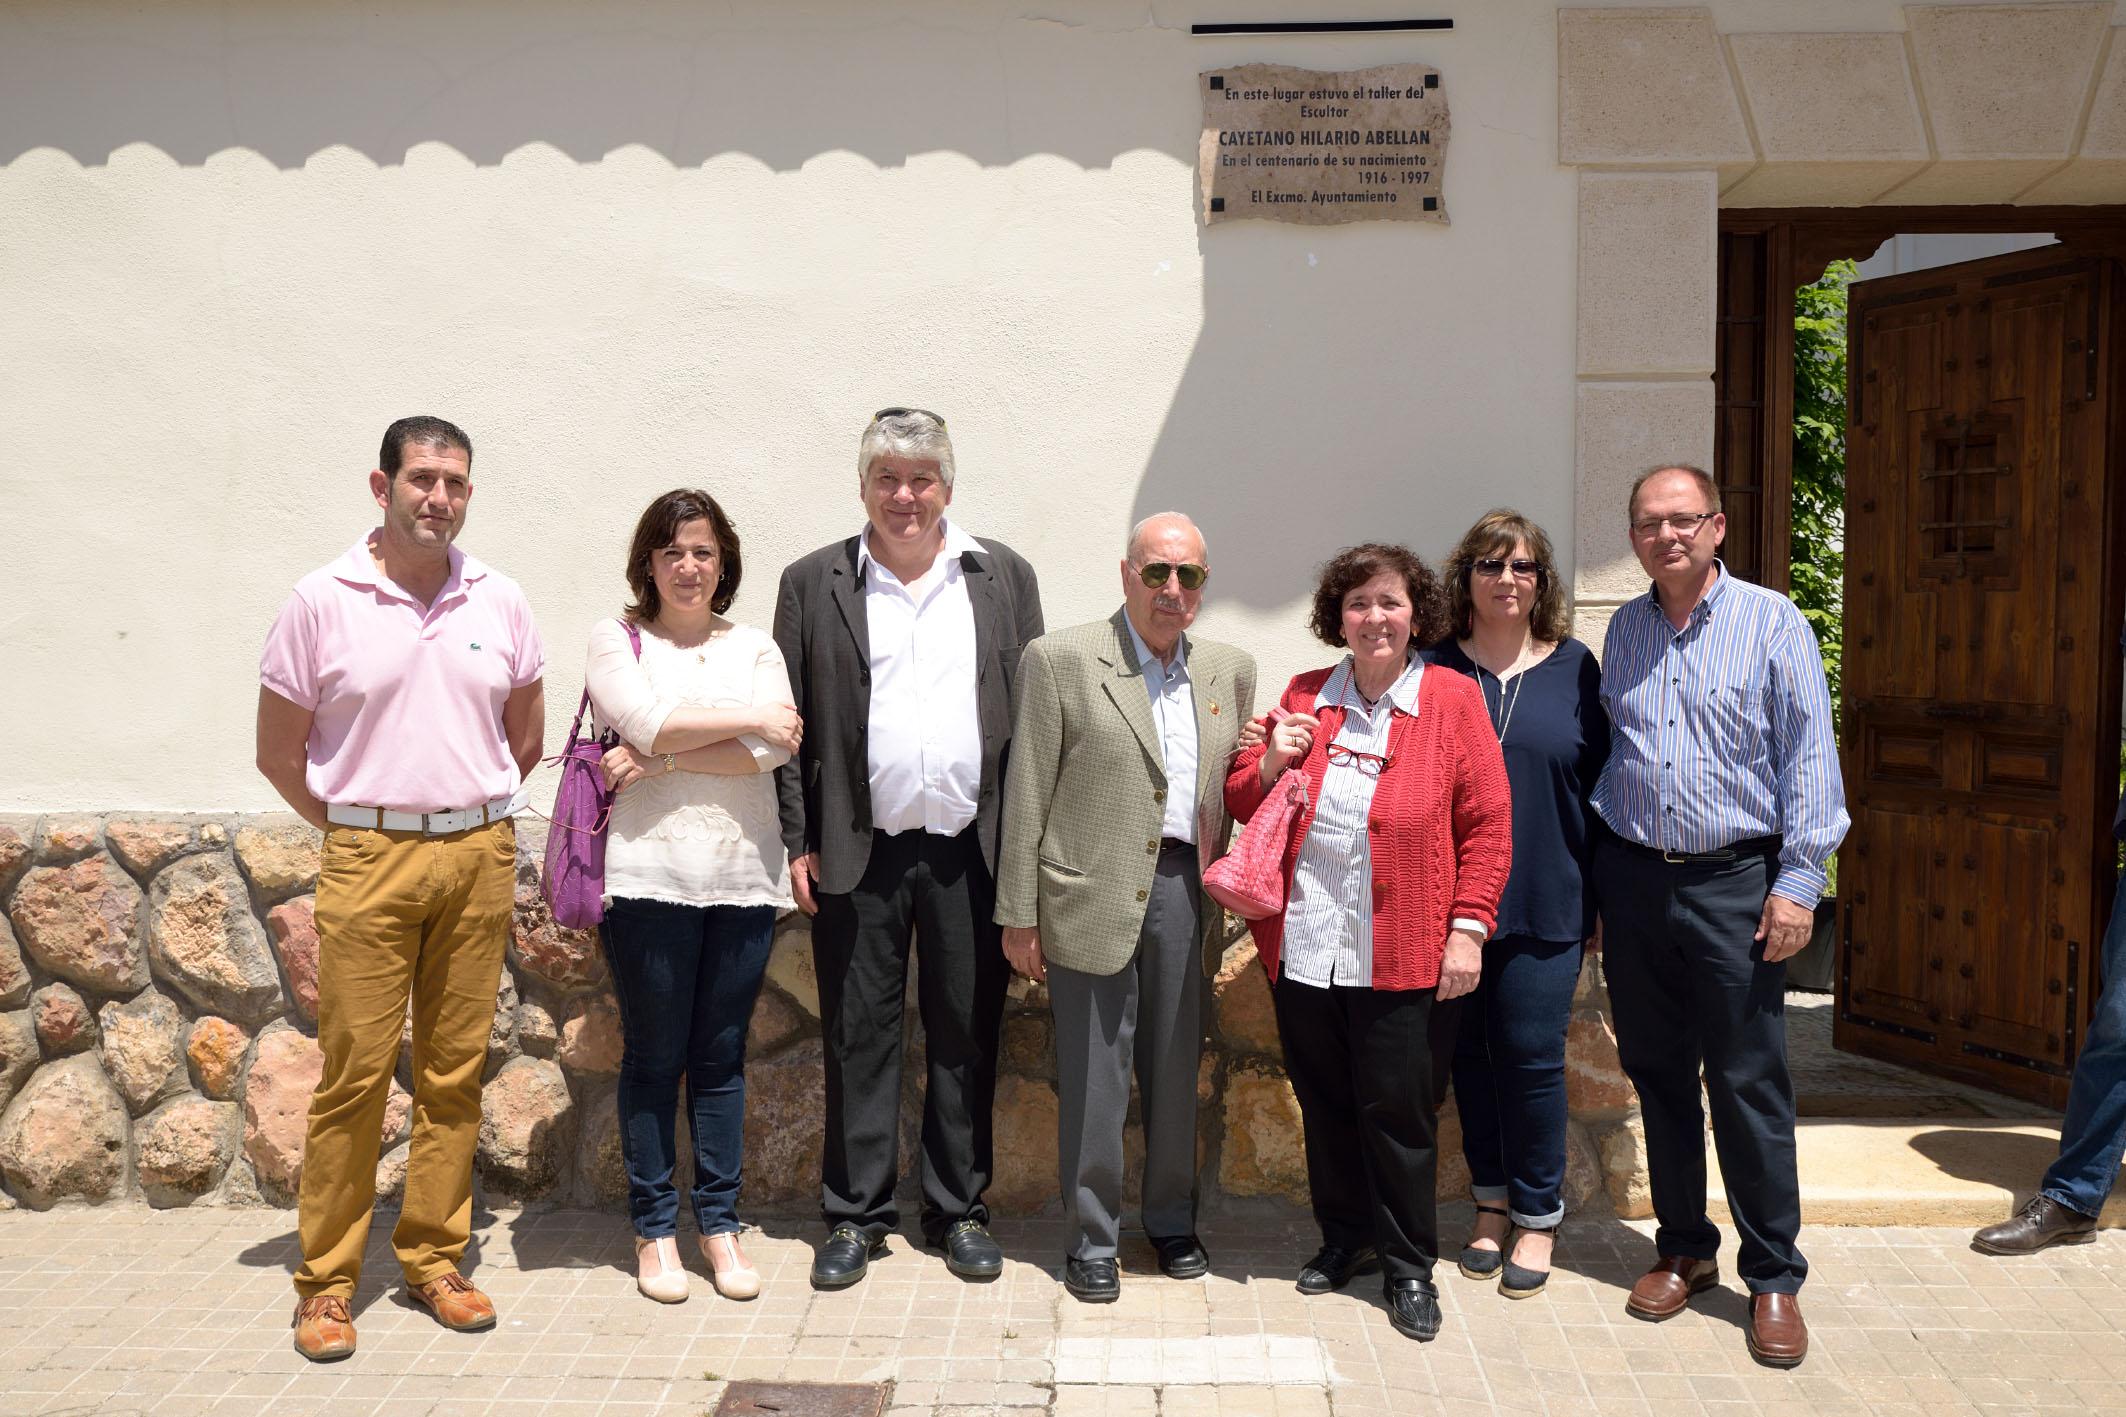 Académicos de la Argamasilla frente a la placa del taller